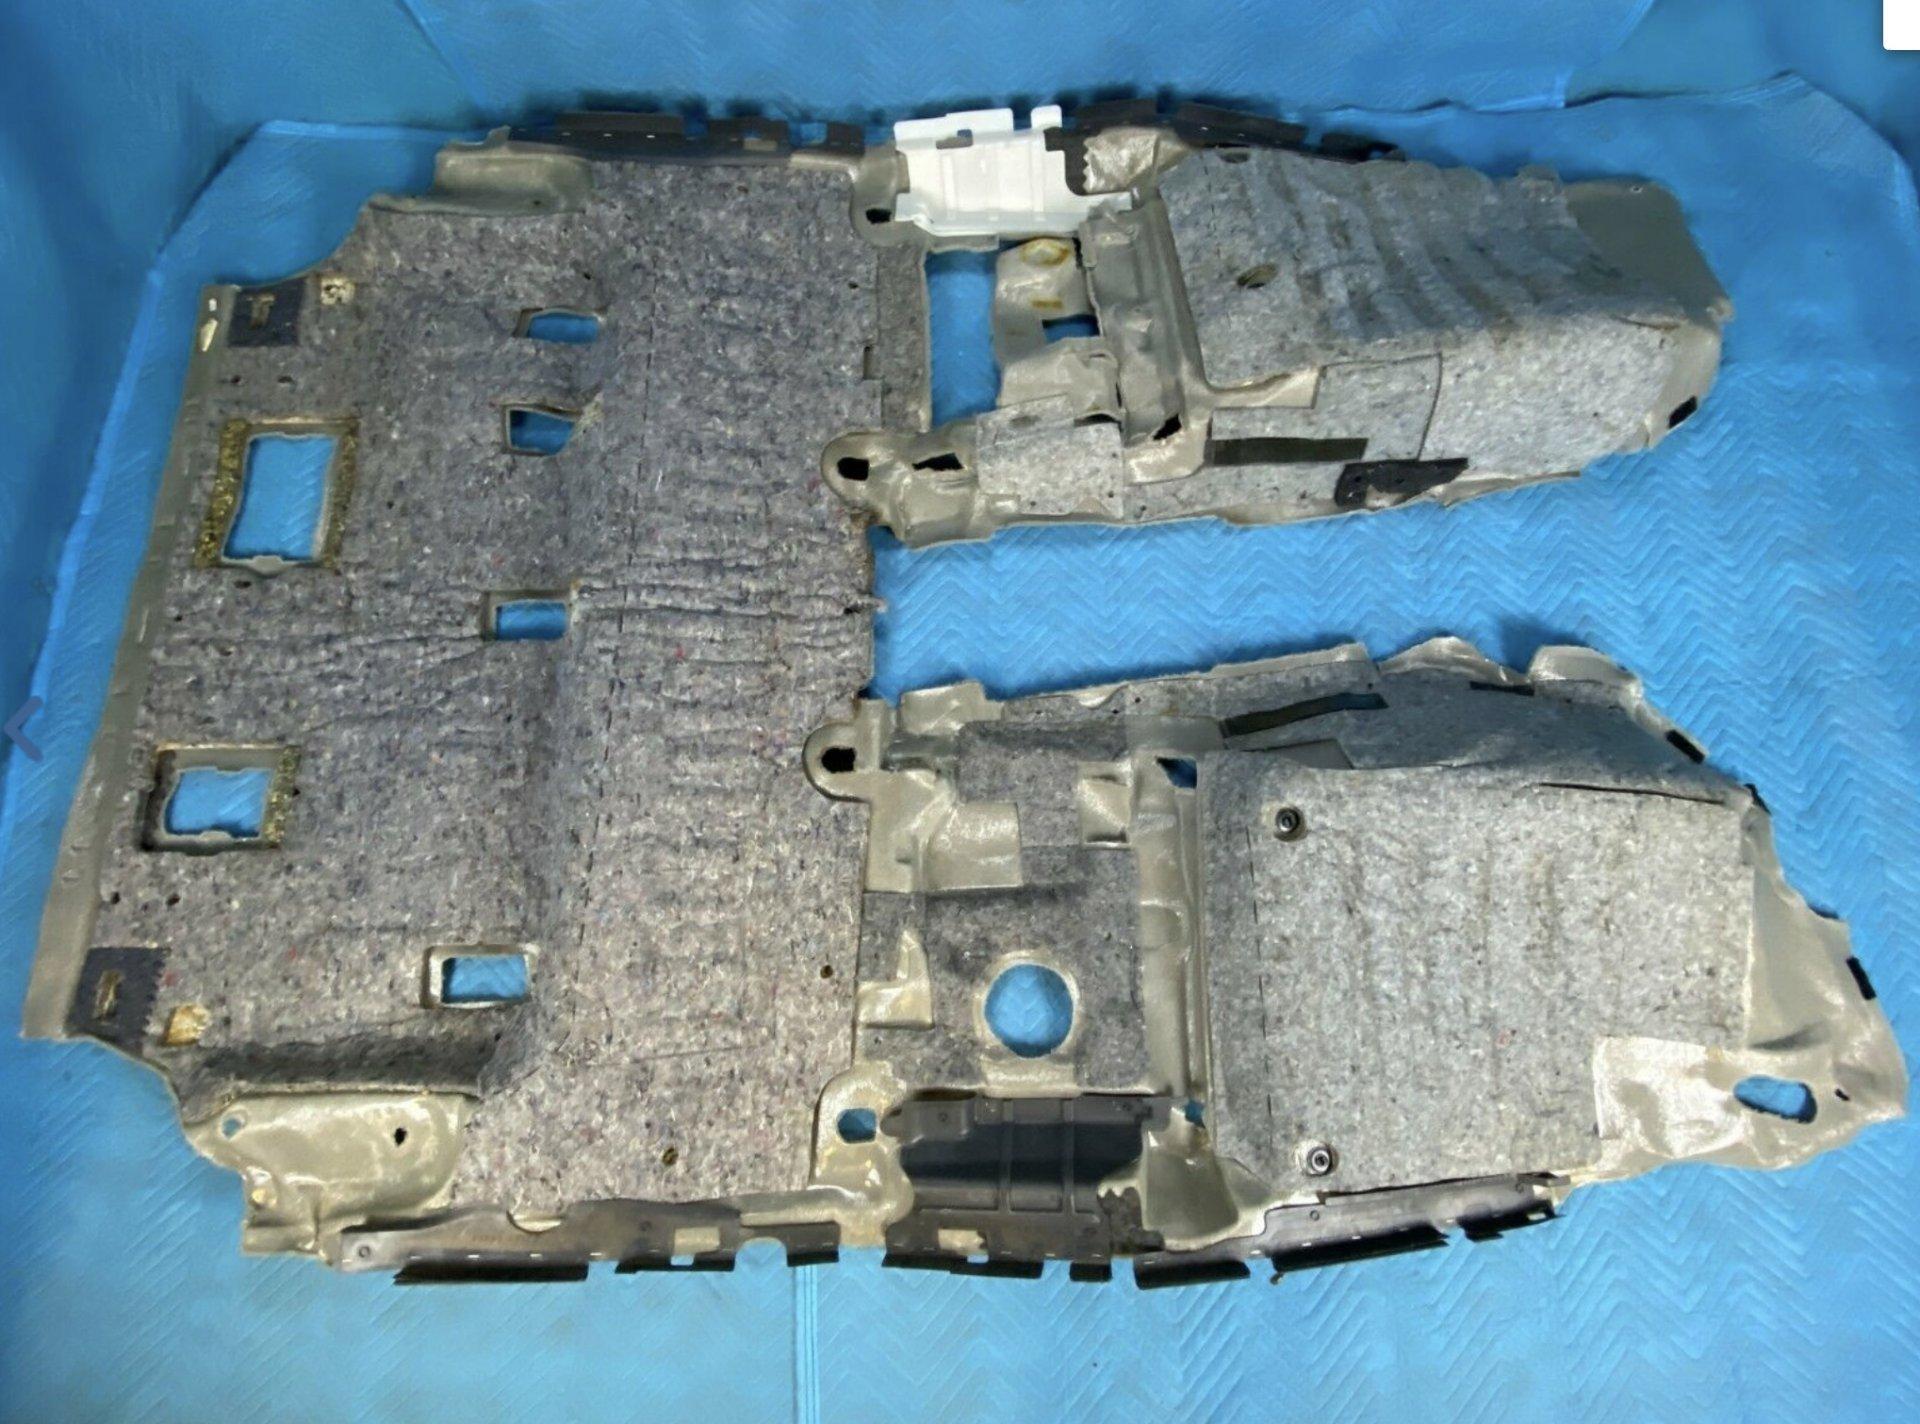 0C84E66E-9536-458A-A14A-952D1BAAF5DB.jpeg